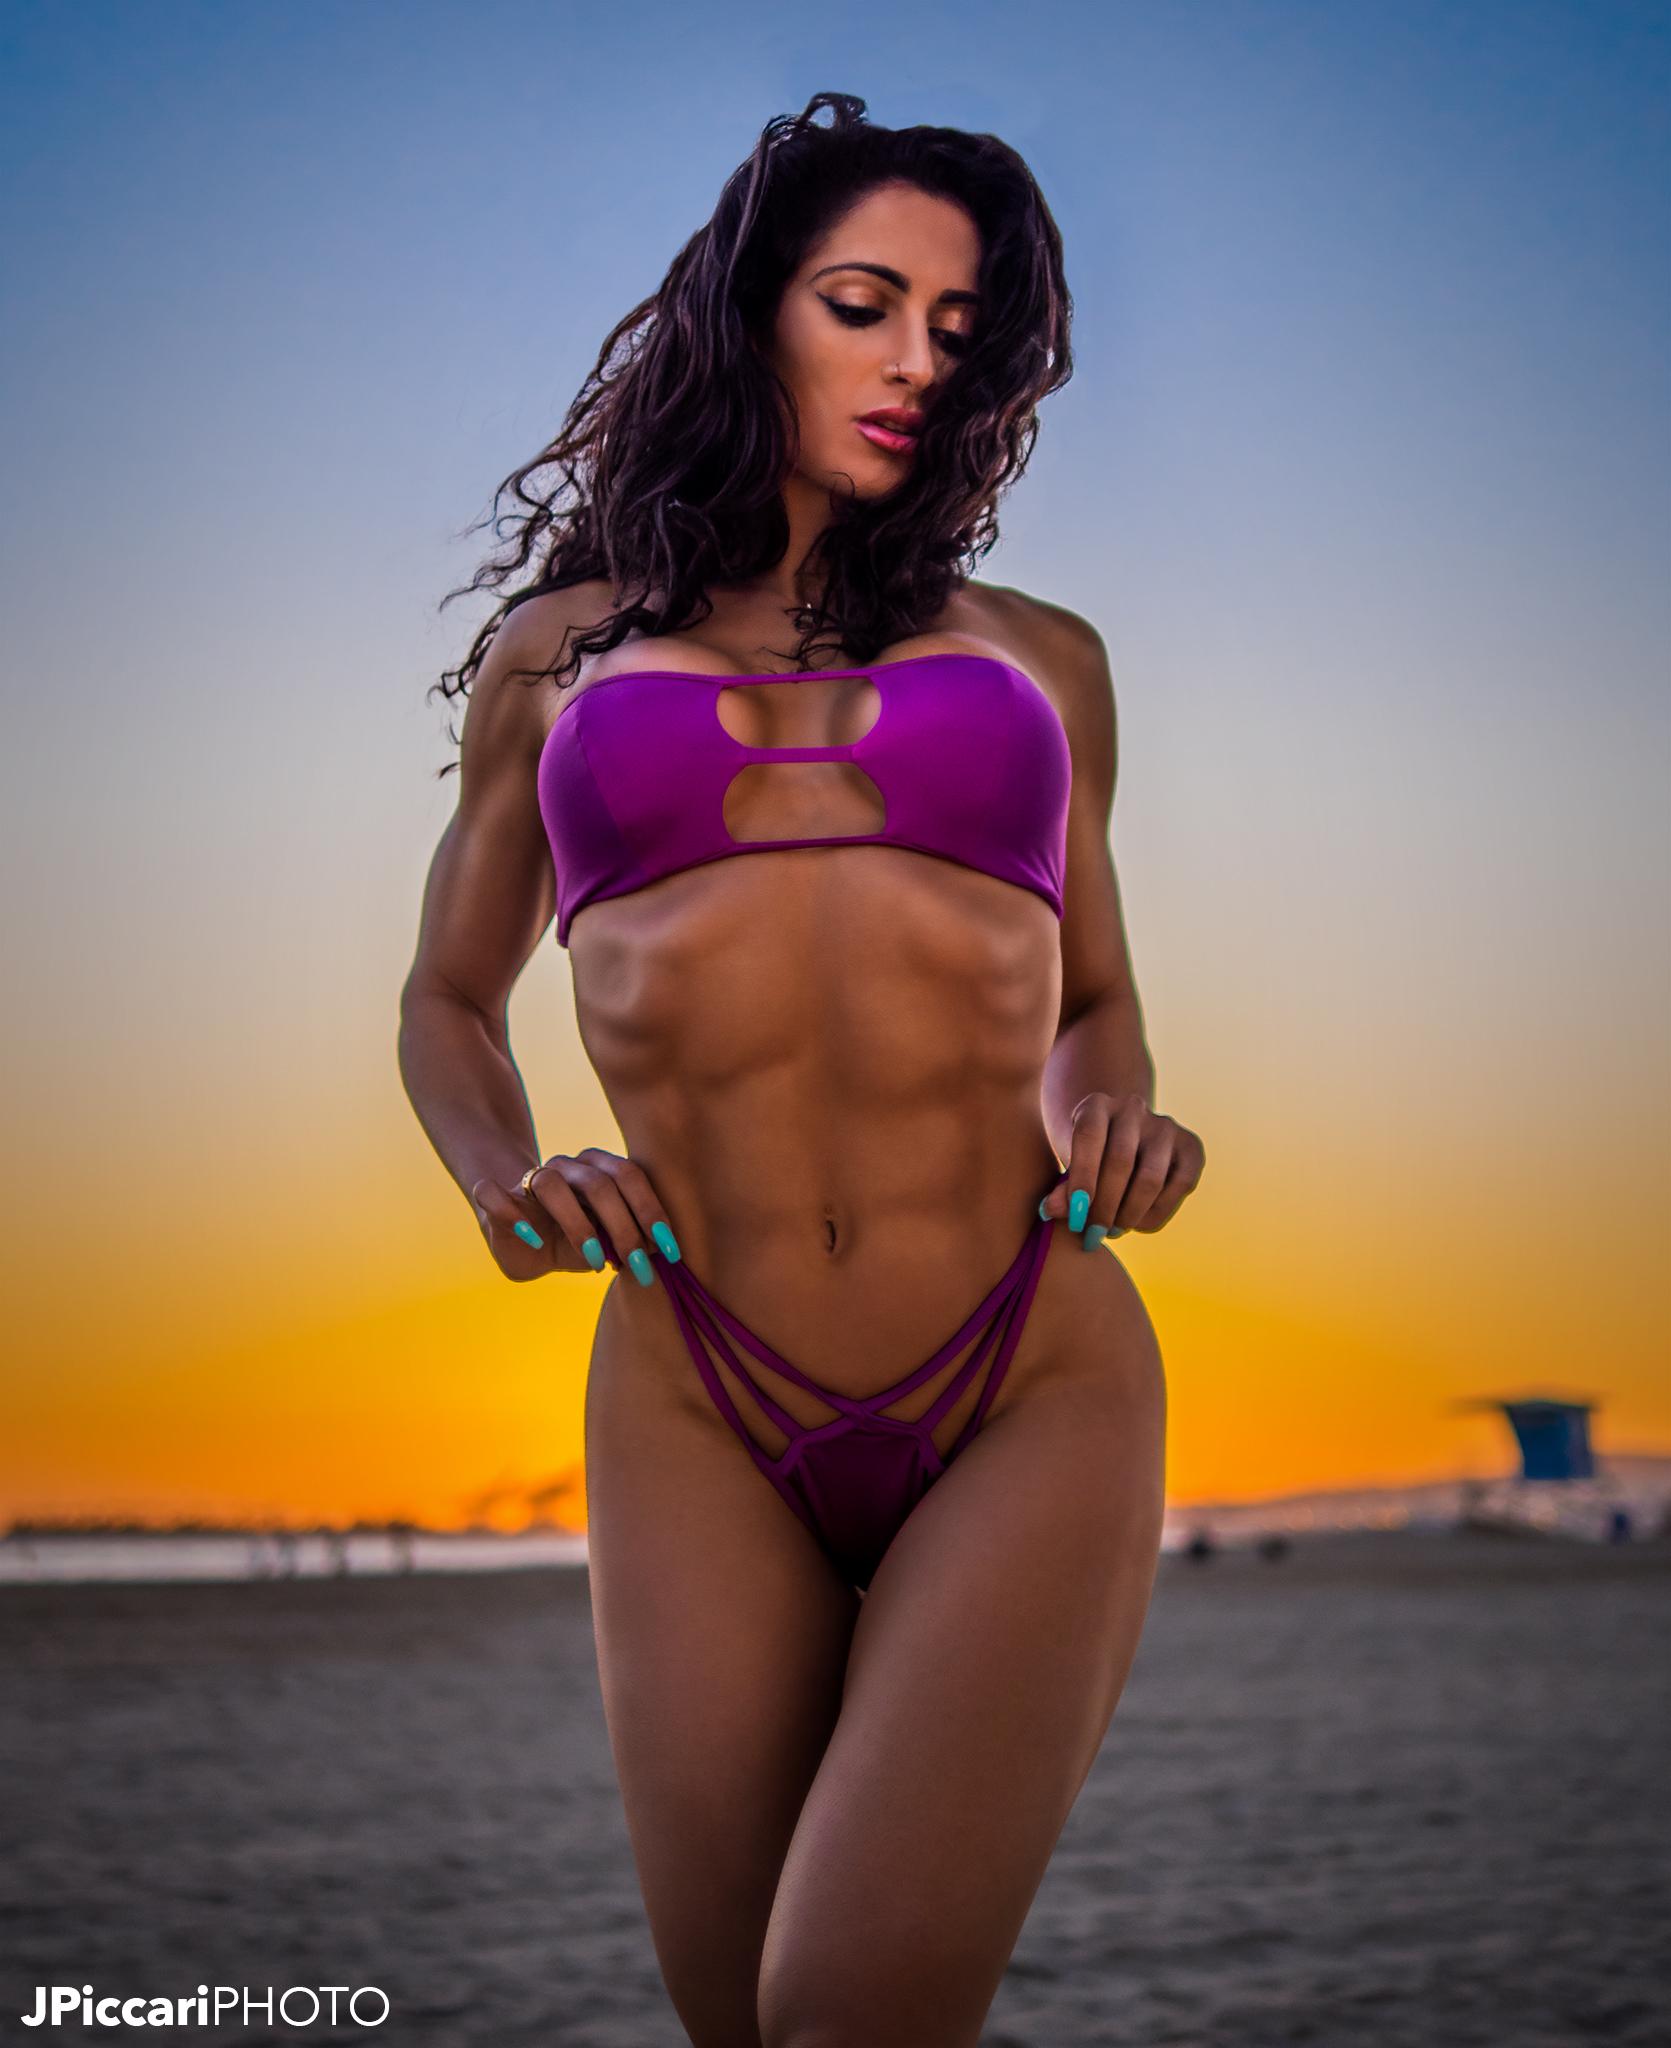 Tamara_BikinisP1910426